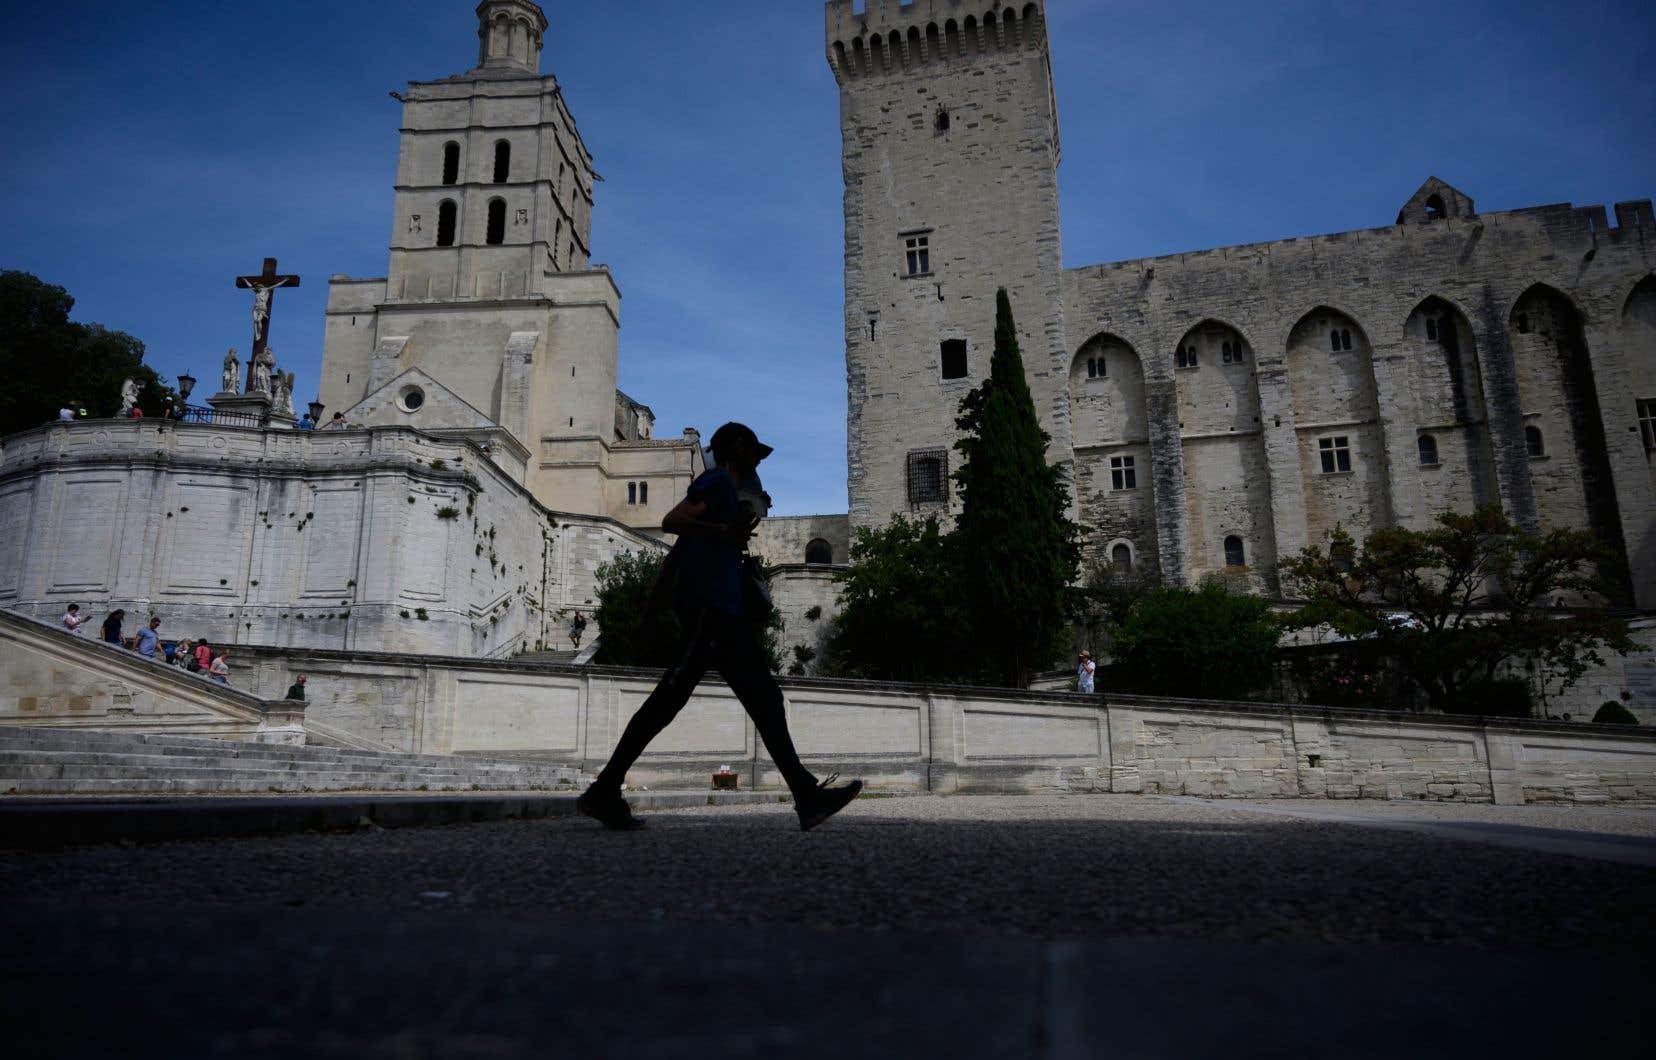 Une personne marche près du Palais des Papes, à Avignon. La ville a dû changer son offre touristique pour compenser les effets de la pandémie.